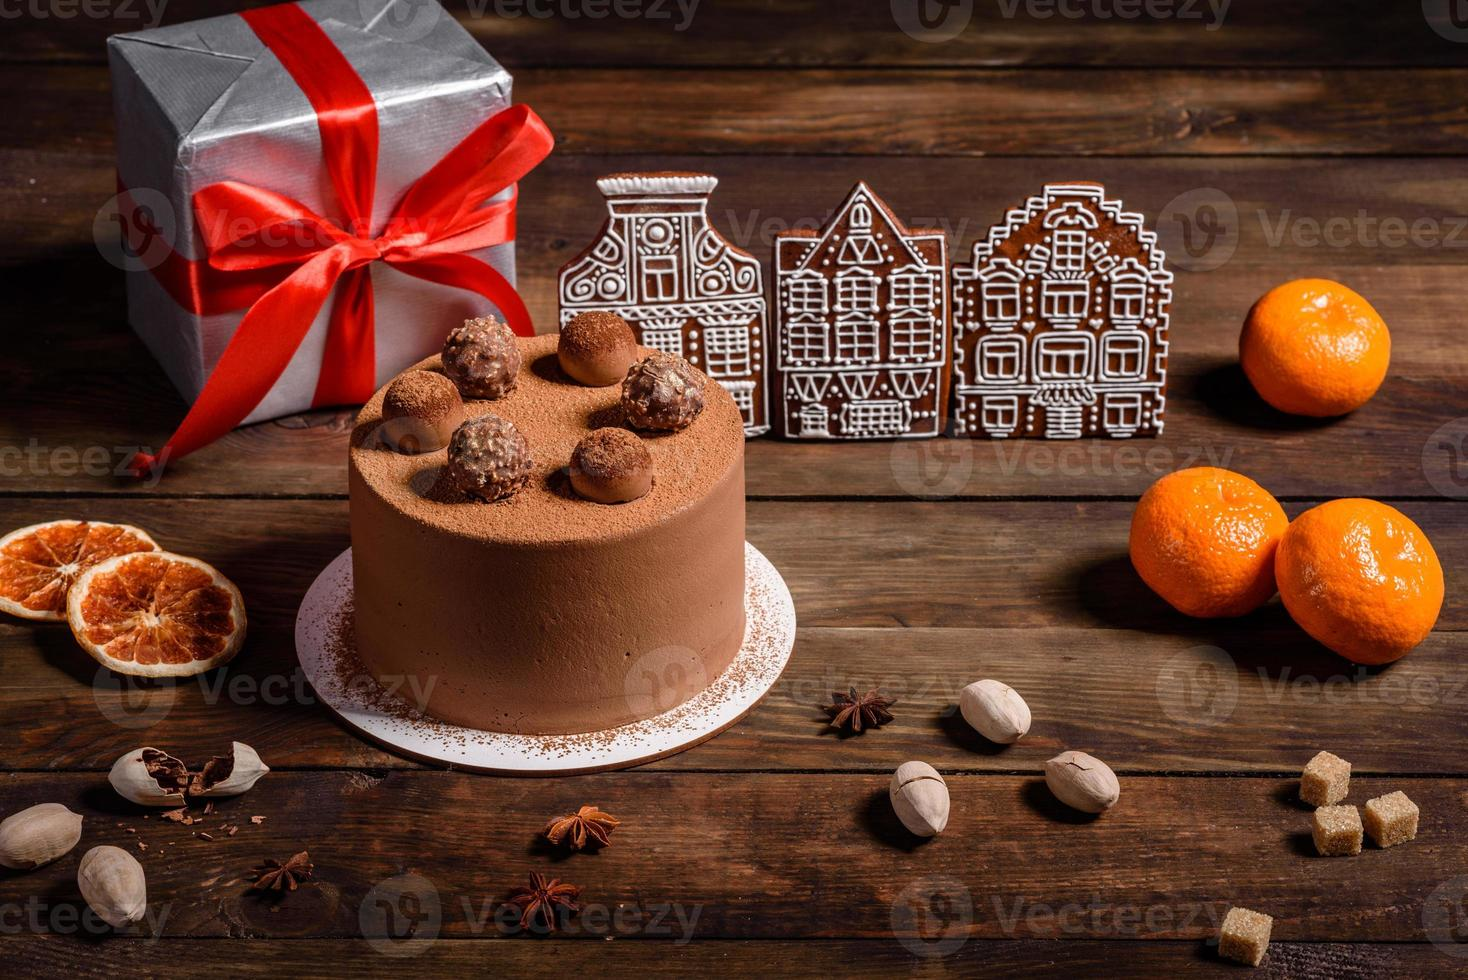 läckra vackra sötsaker på ett mörkt träbord på julafton foto